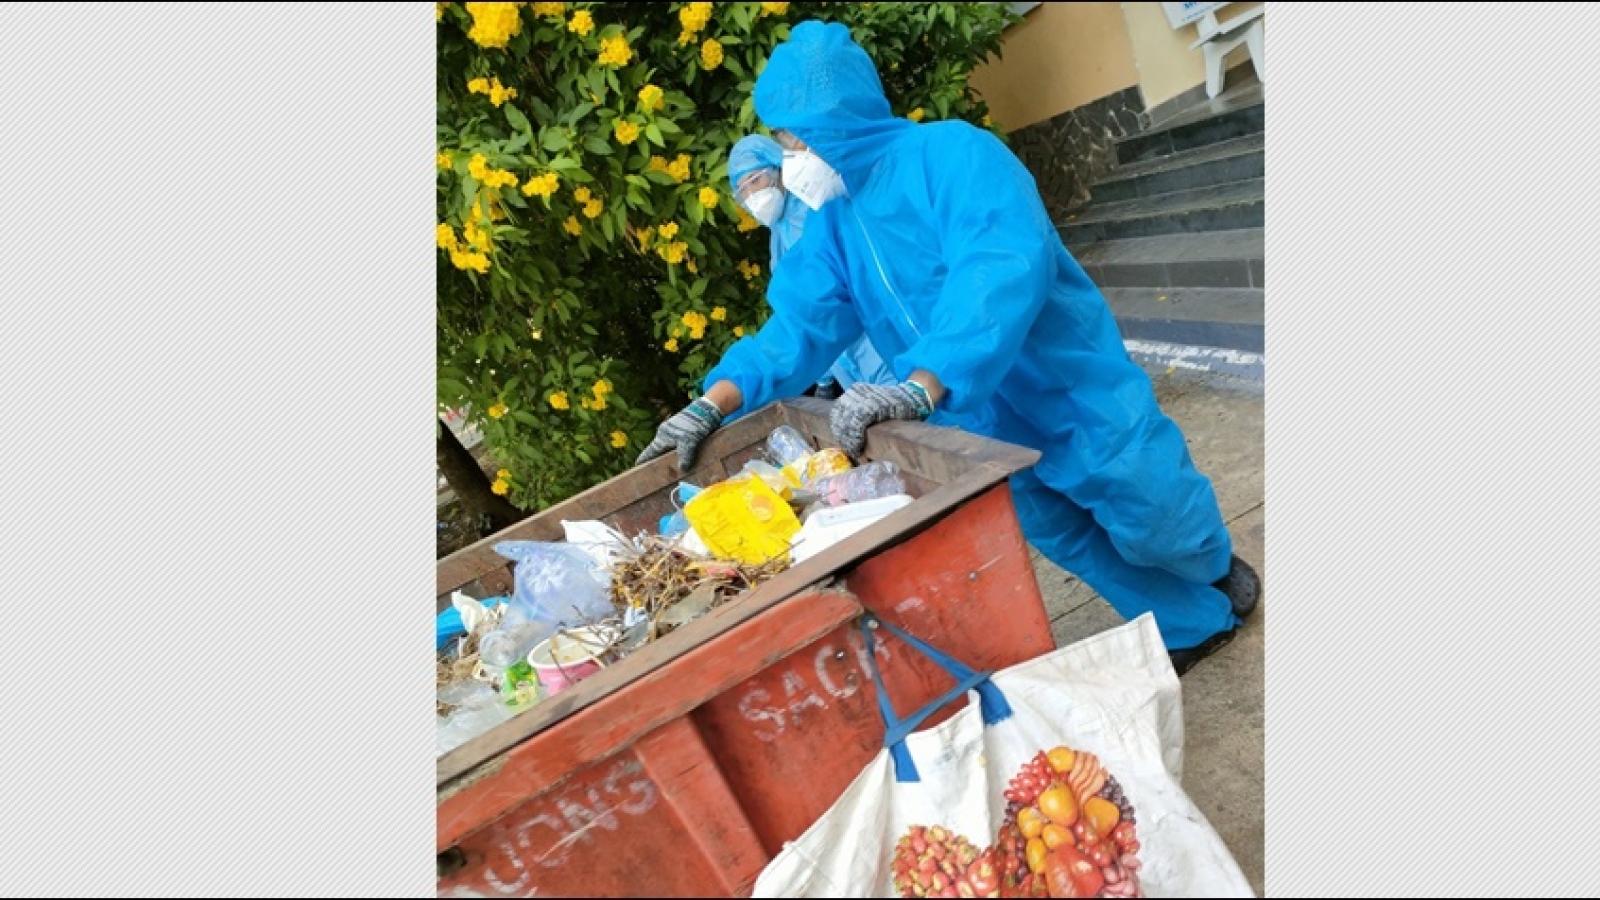 TP.HCM: Sẵn sàng kịch bản 100 tấn rác/ngàyở khu cách ly, bệnh viện điều trị Covid-19